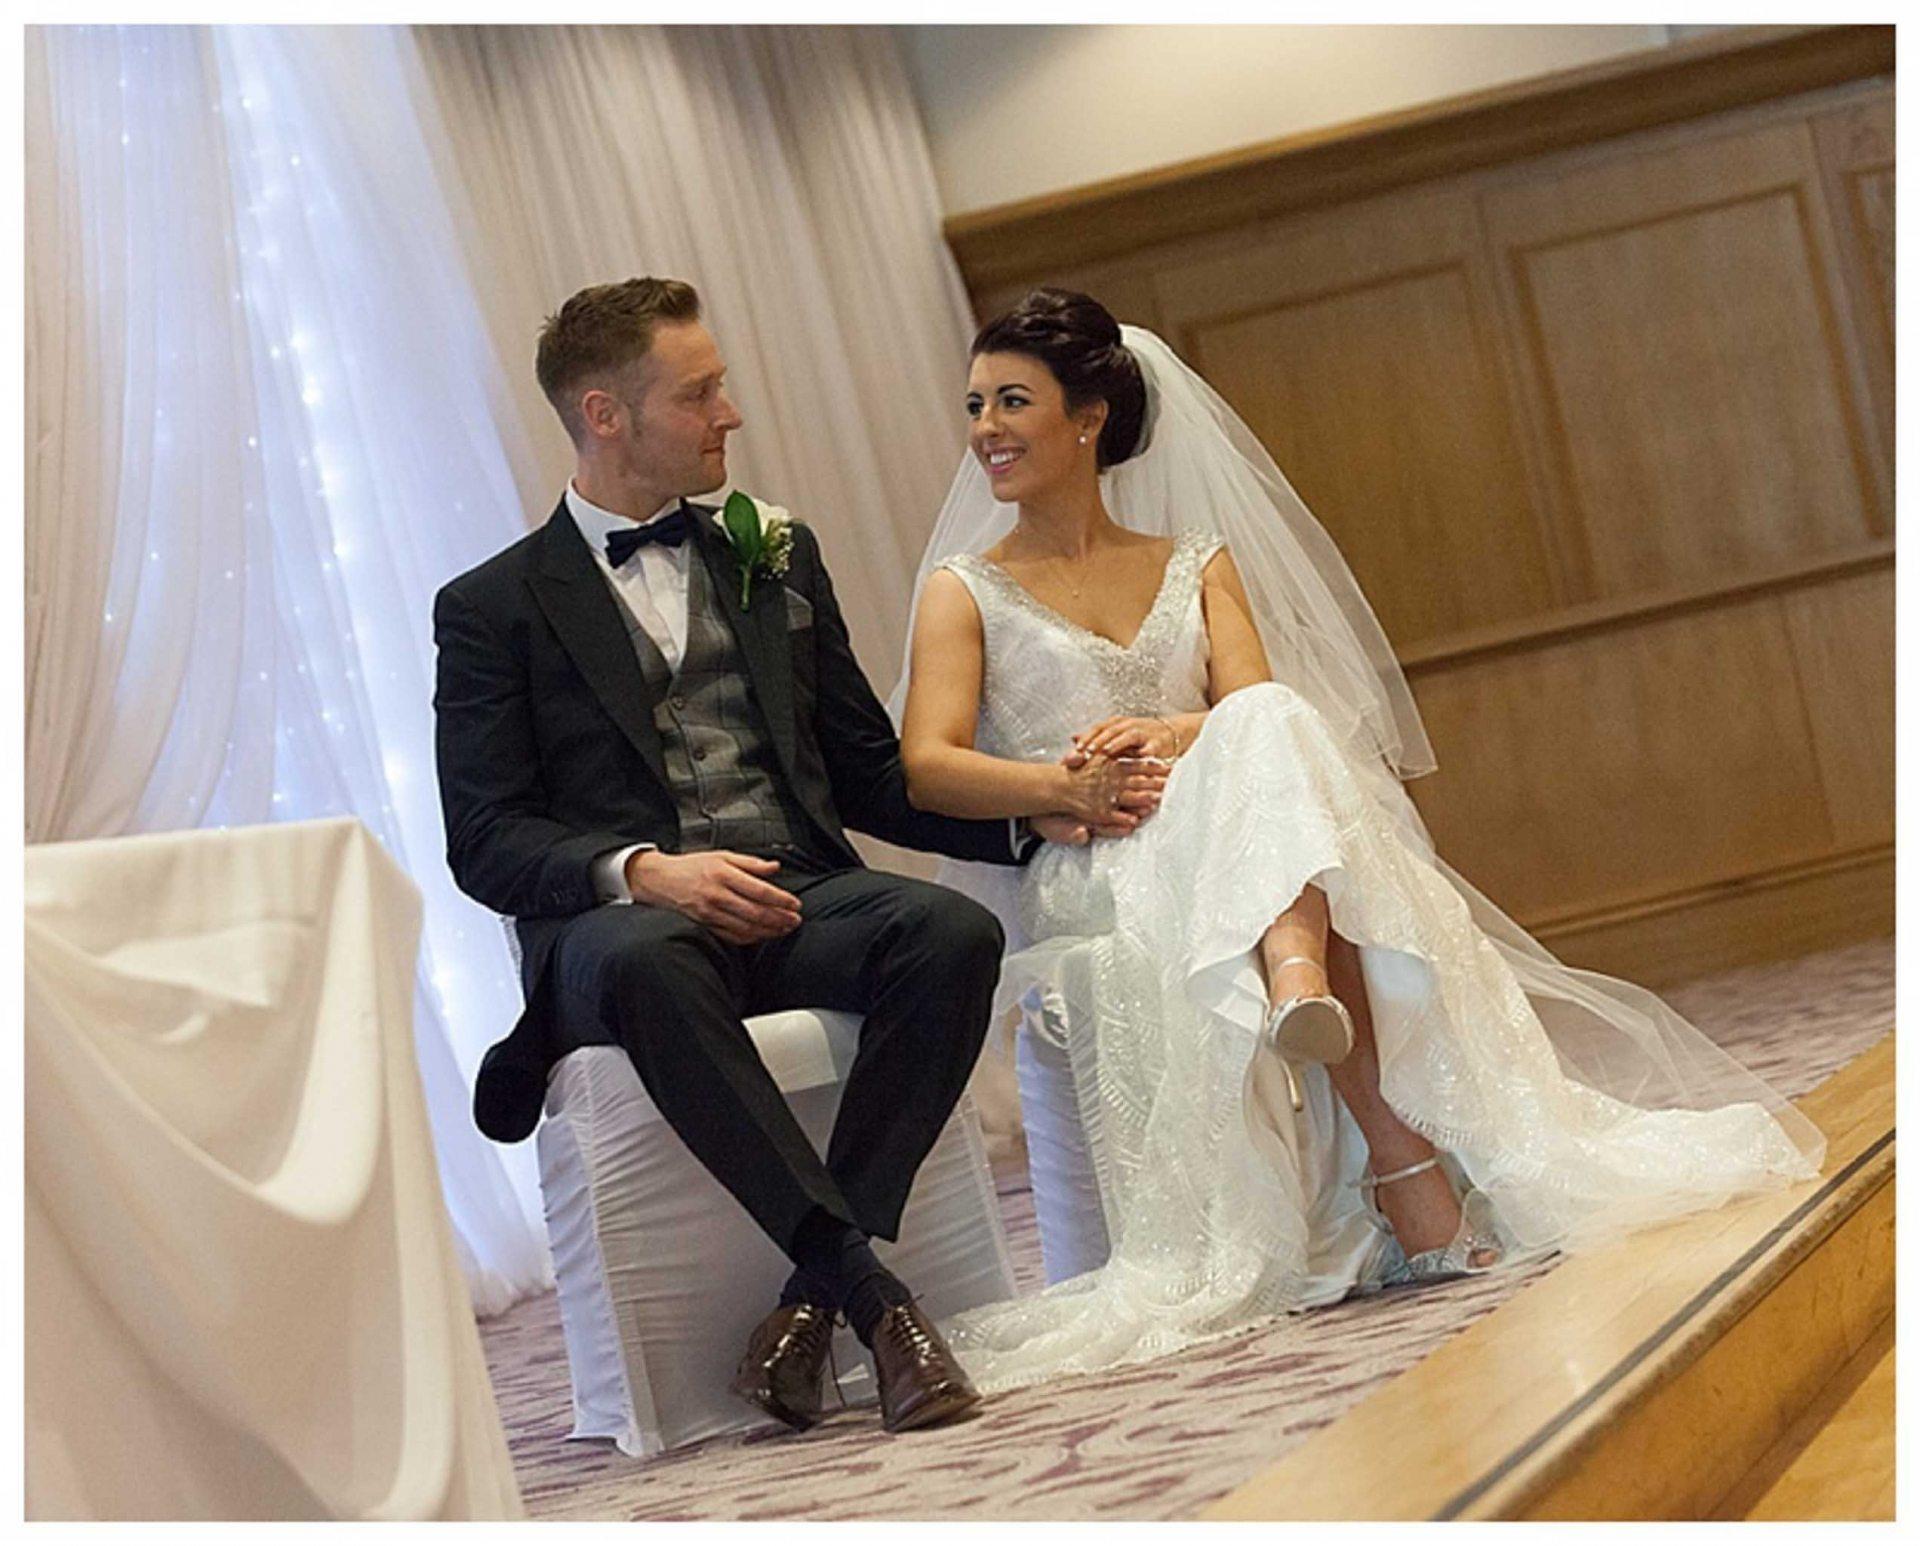 Slieve Donard Wedding Danielle & Glenn by Ricky Parker Photography-31